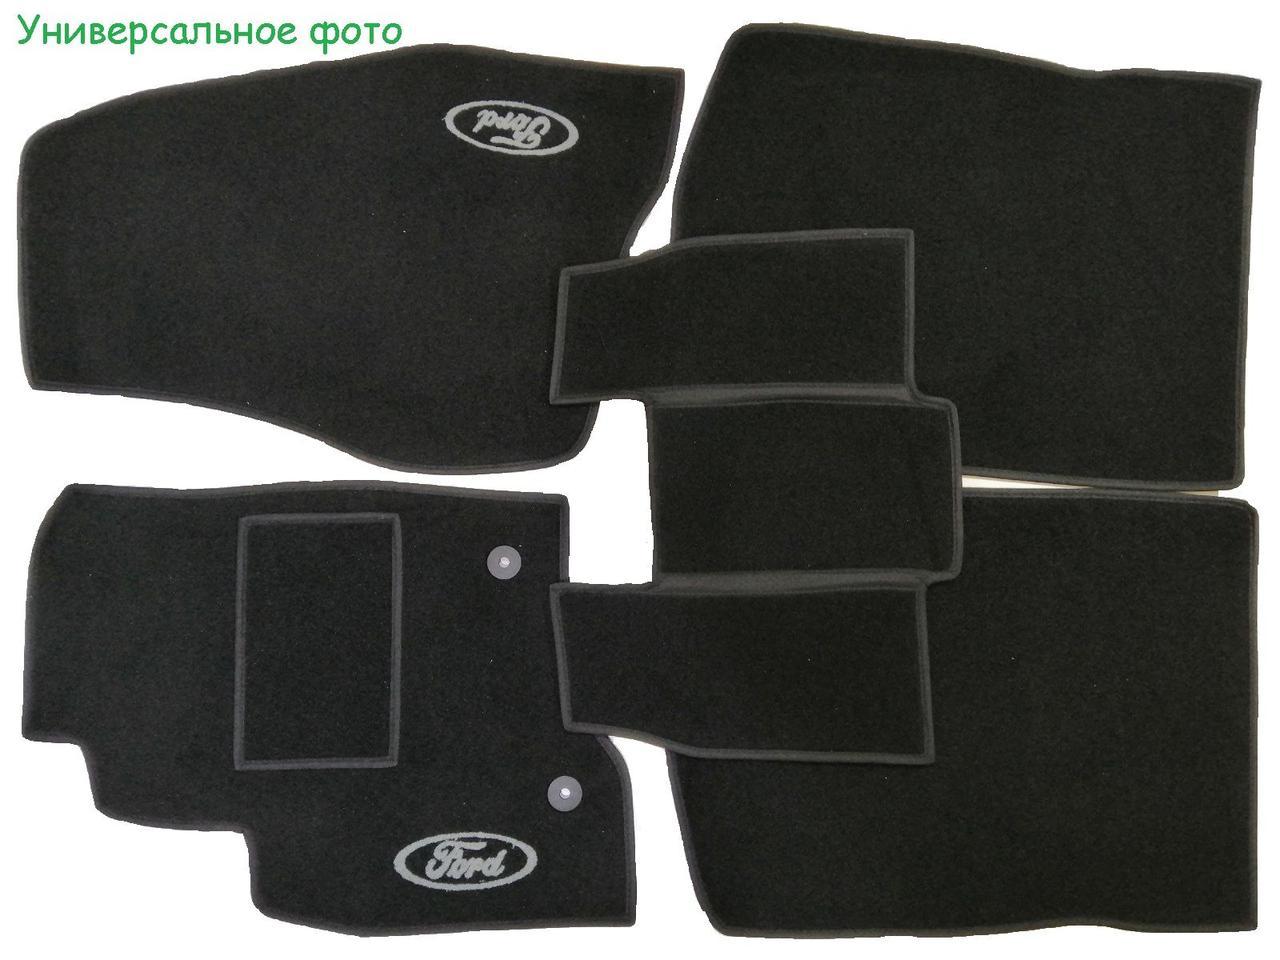 Коврики ворсовые в салон на Peugeot 2008 черные